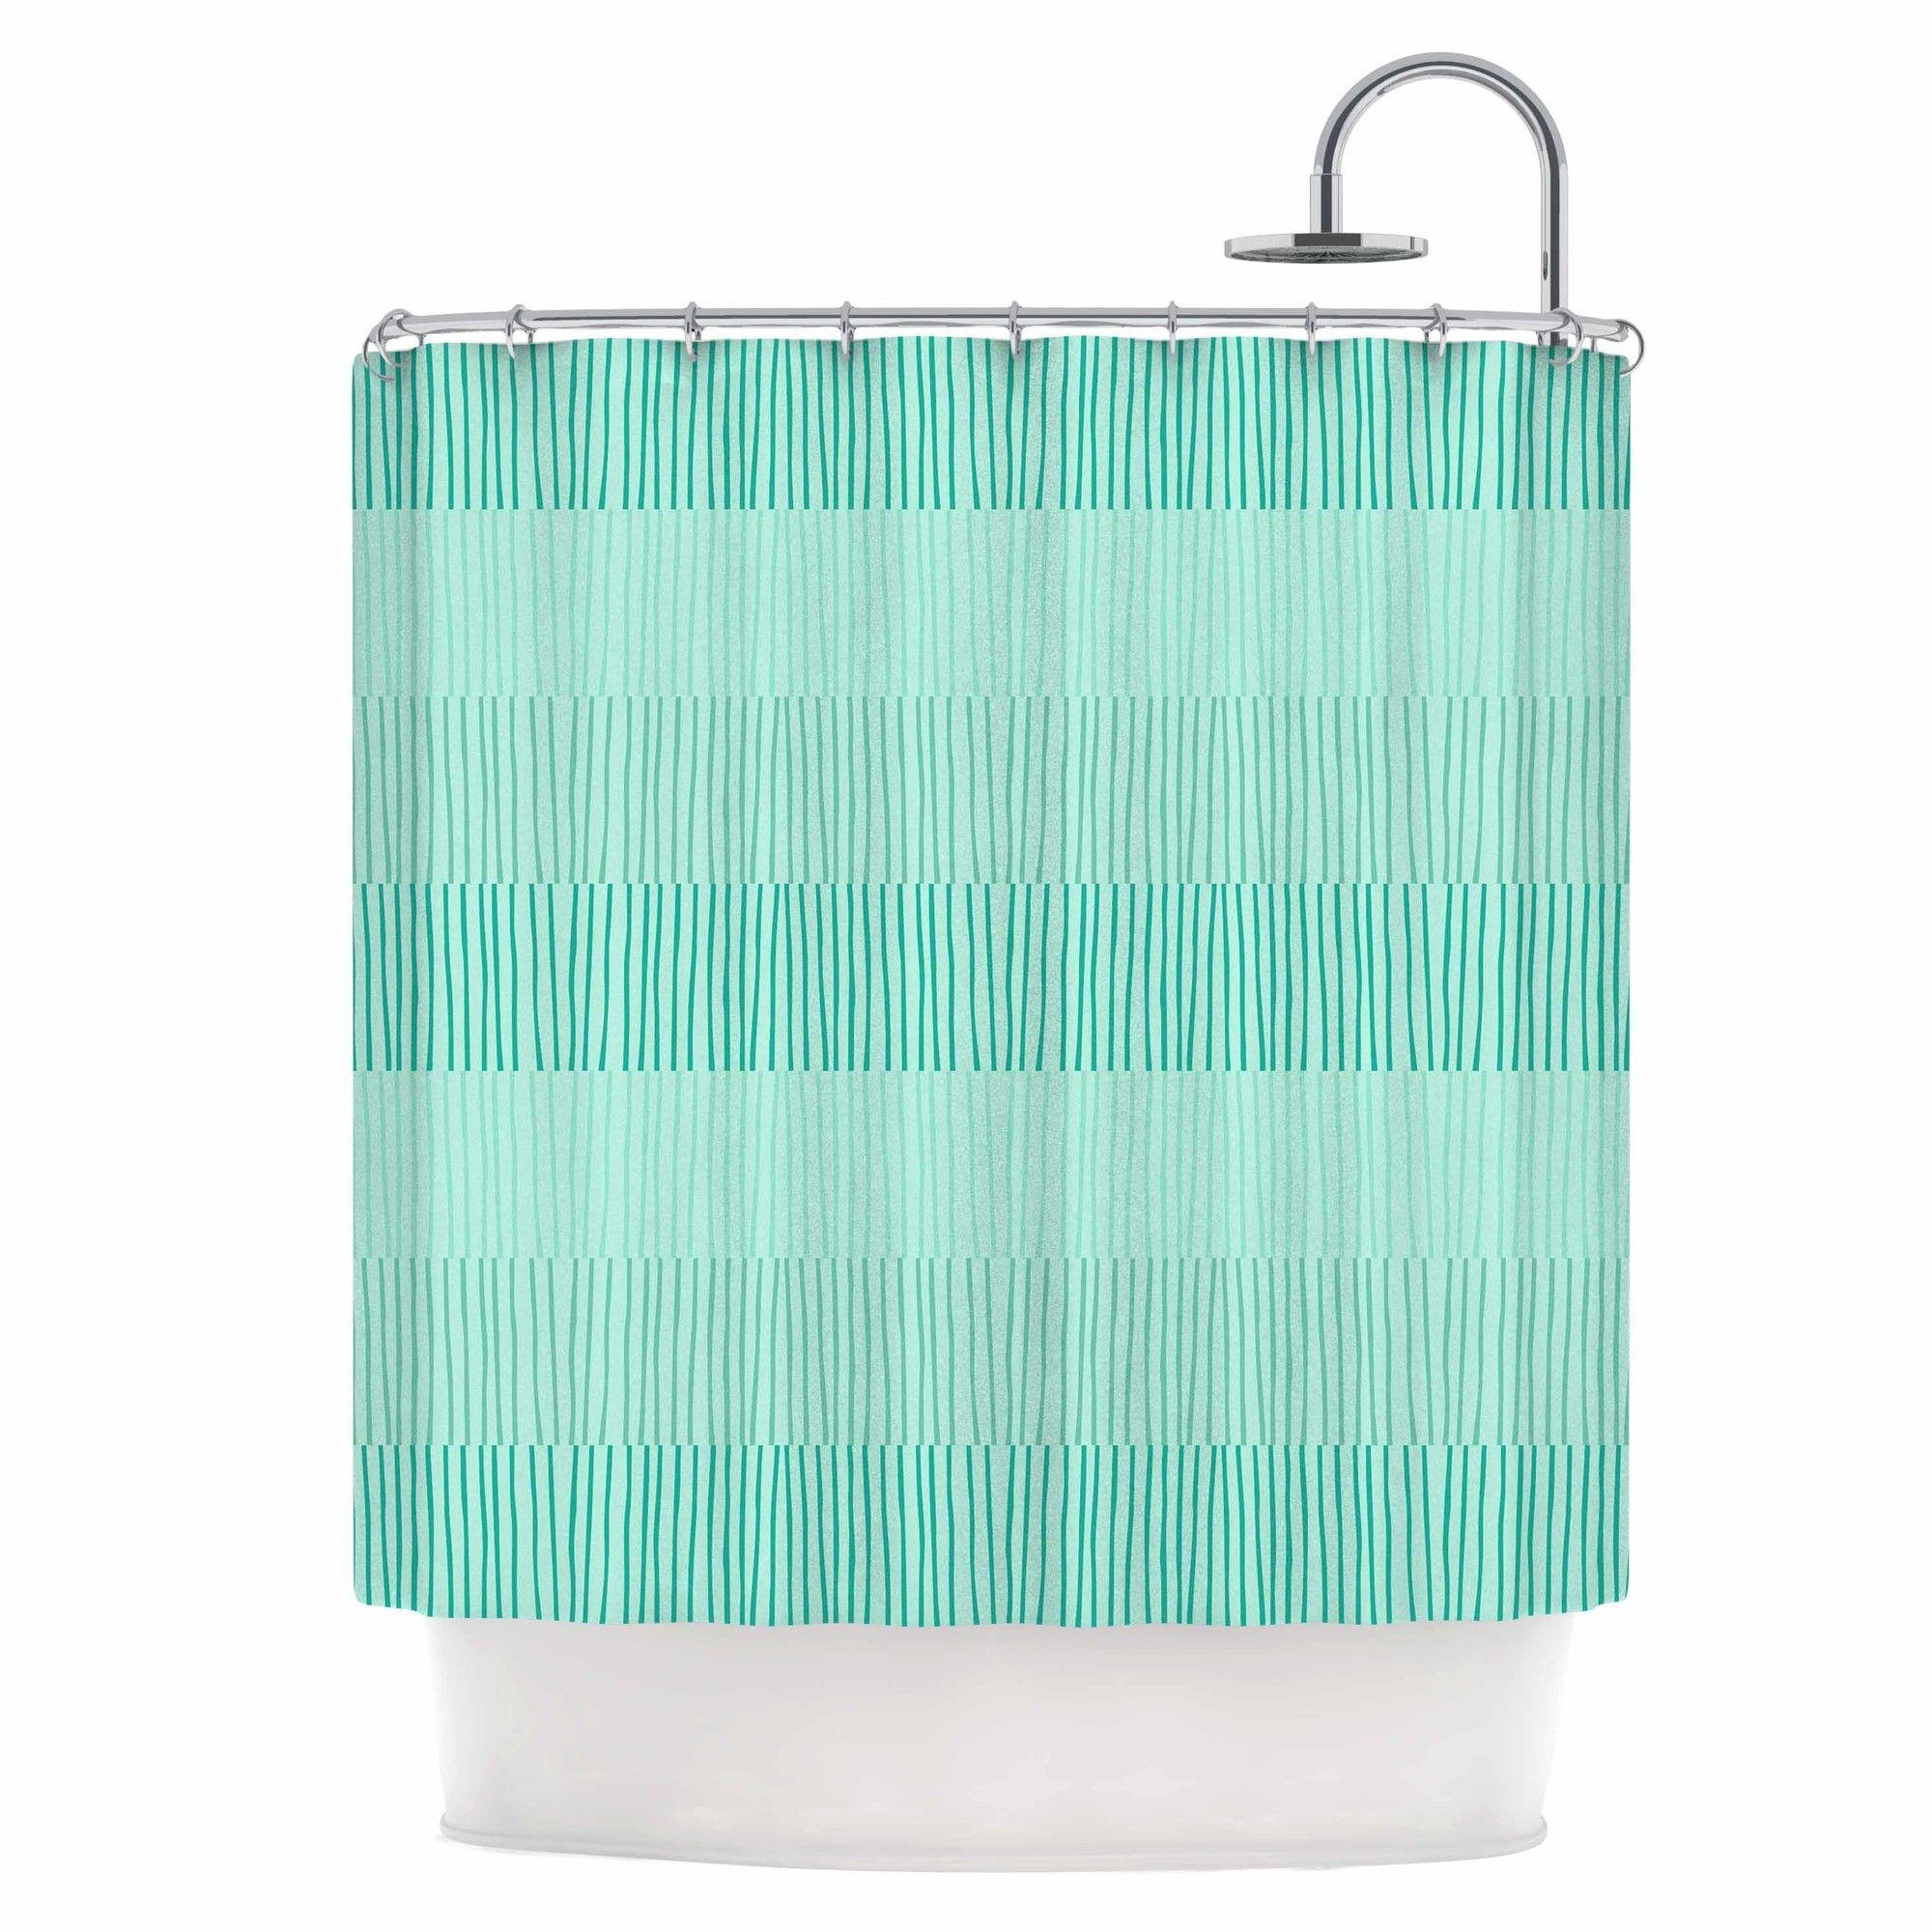 Grass skirt shower curtain sluts hot